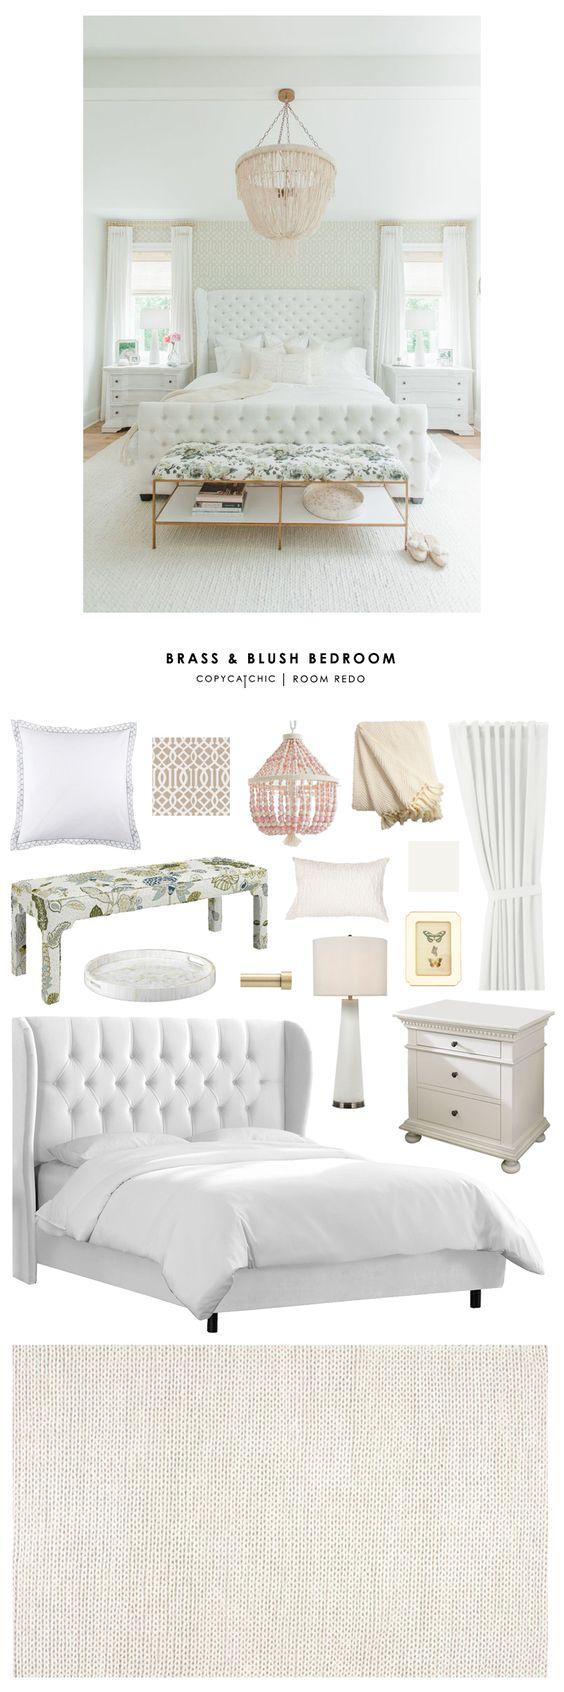 muebles para decorar habitaciones modernas (1)